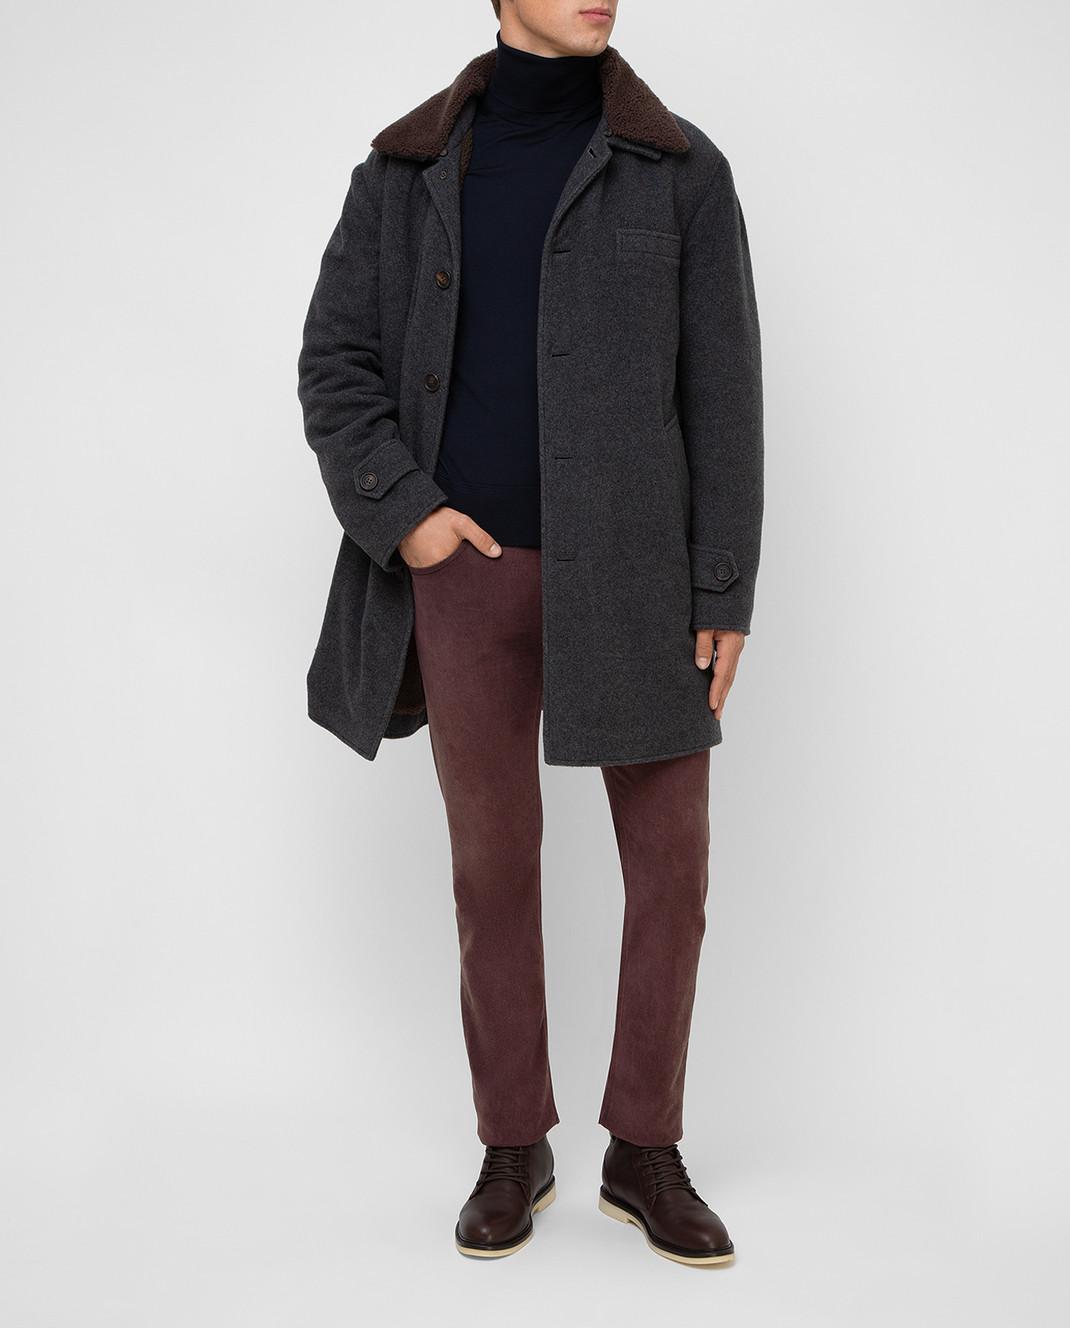 Brunello Cucinelli Серое пальто из кашемира MT4976307 изображение 2